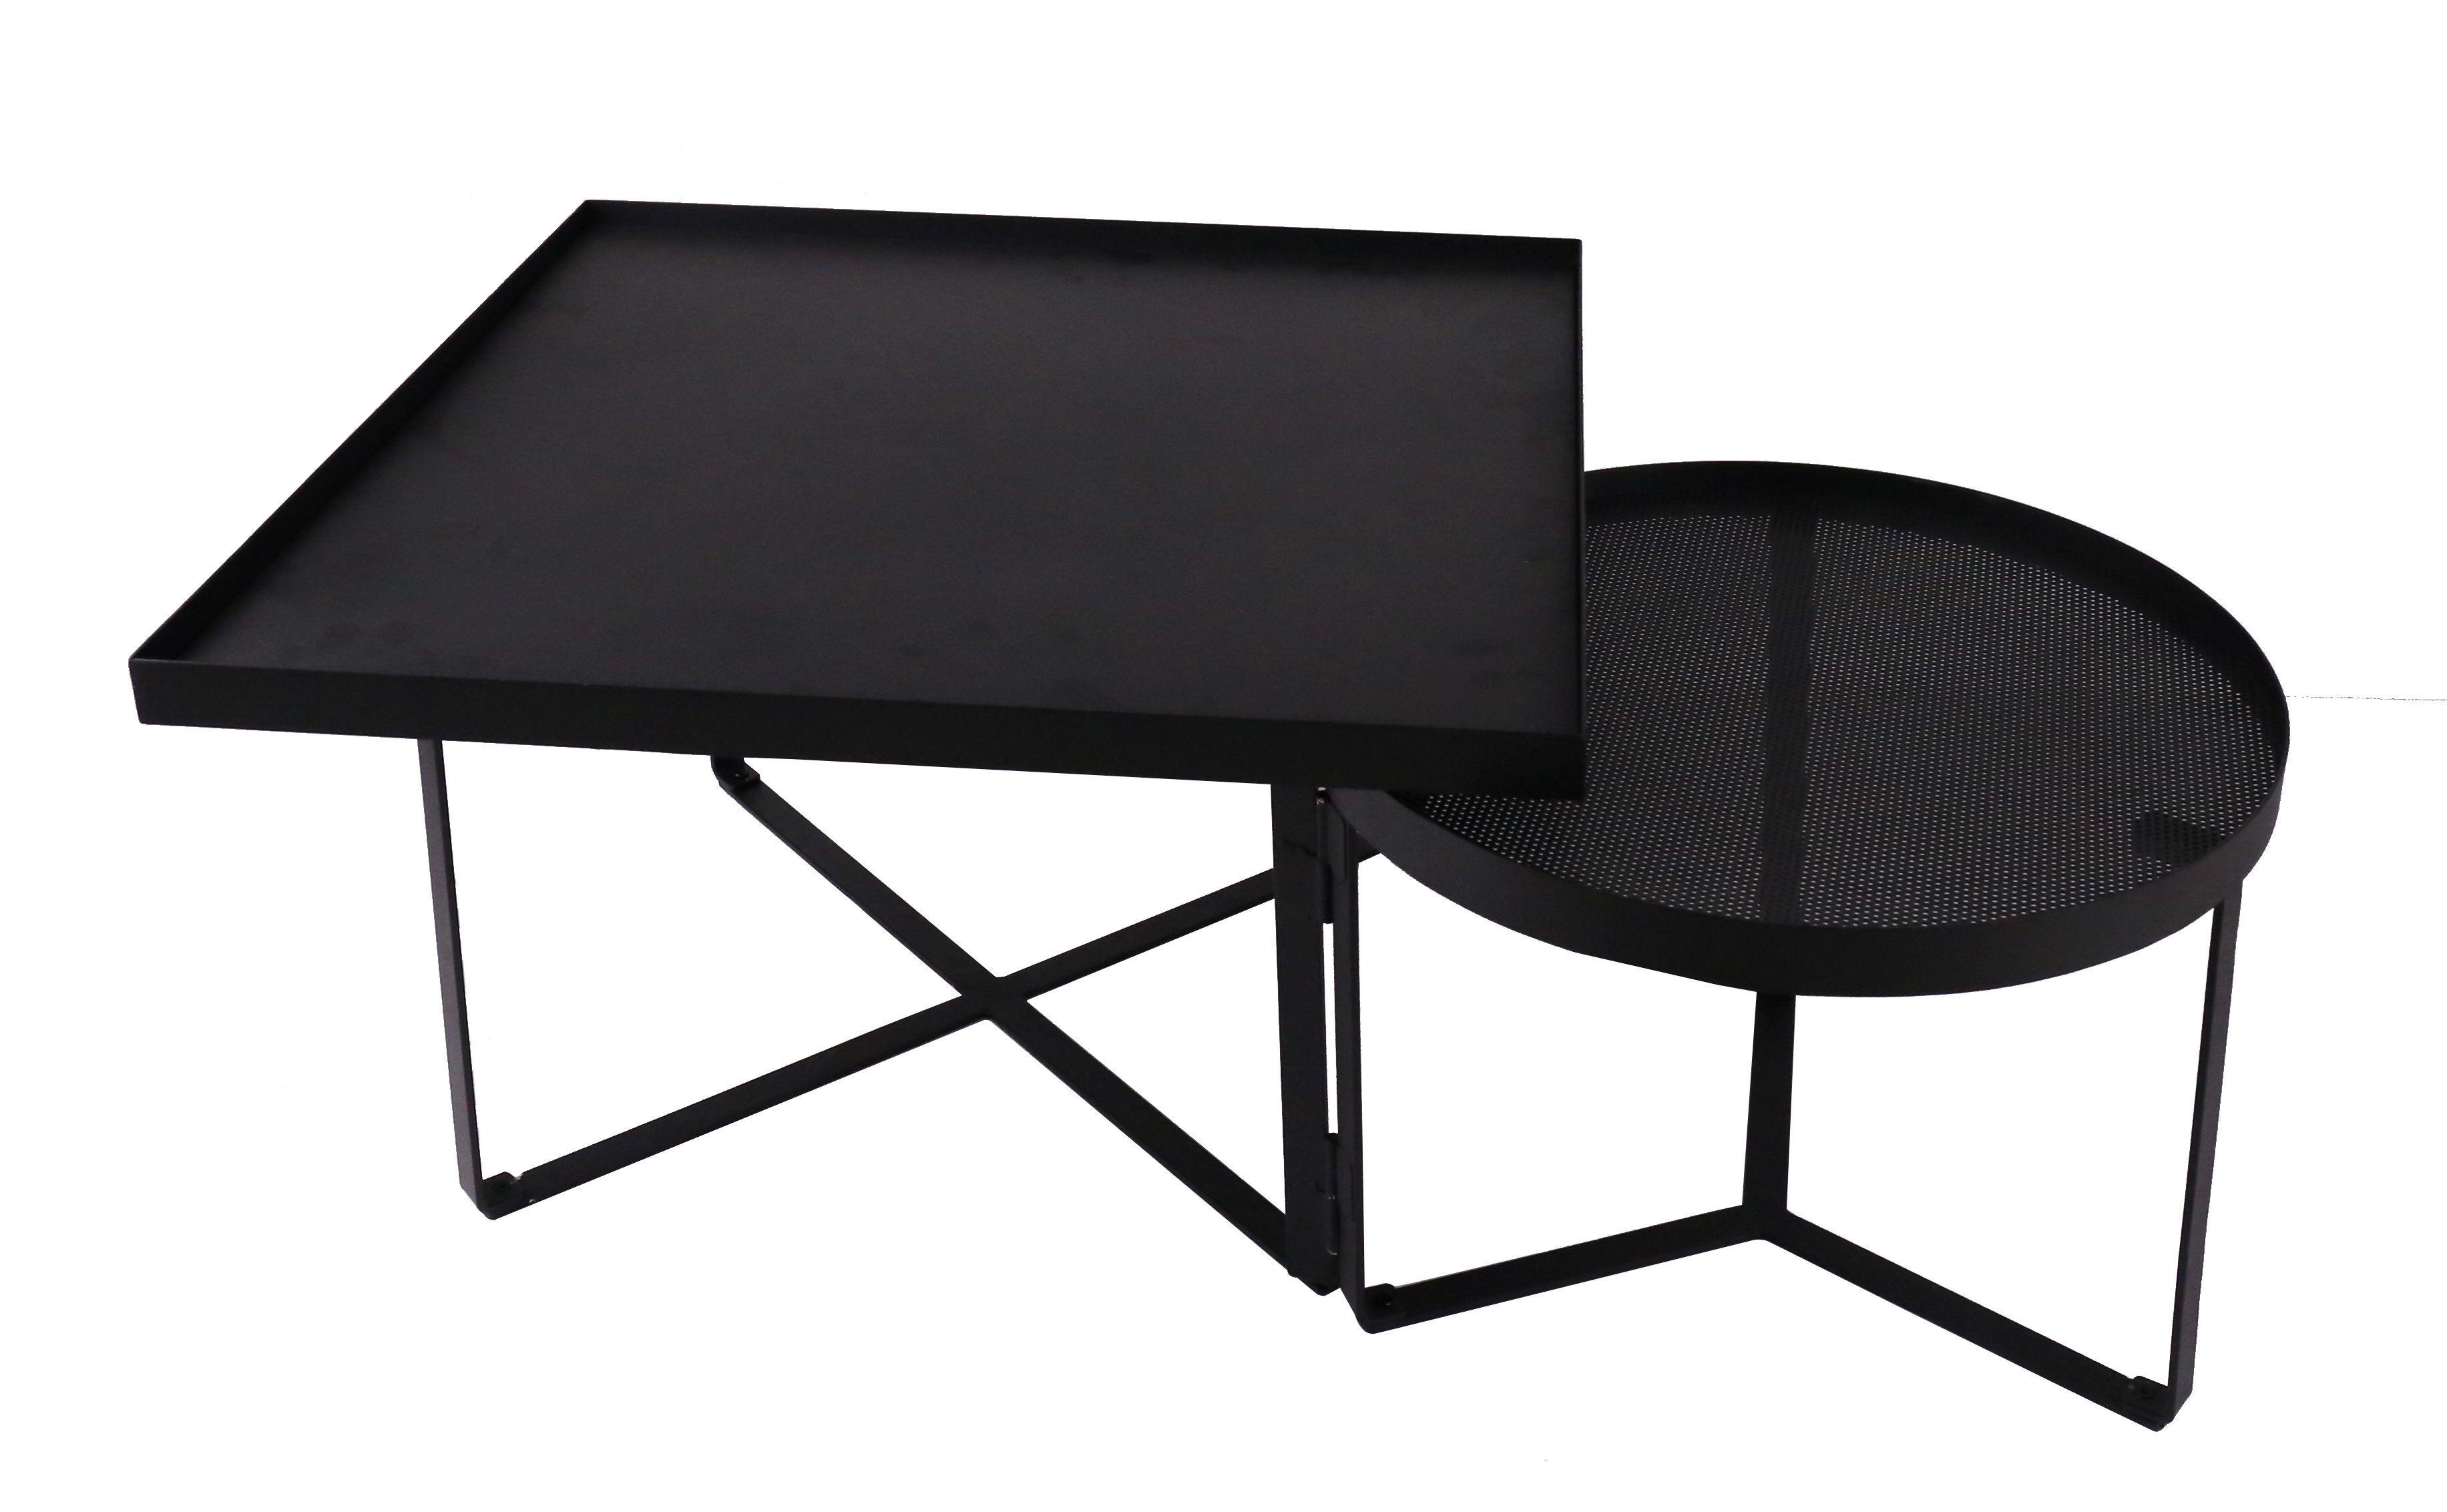 Table Basse Bahia En Metal Noir Pour Un Esprit Urbain Dans Votre Salon But Mobilier De Salon Table Basse Table